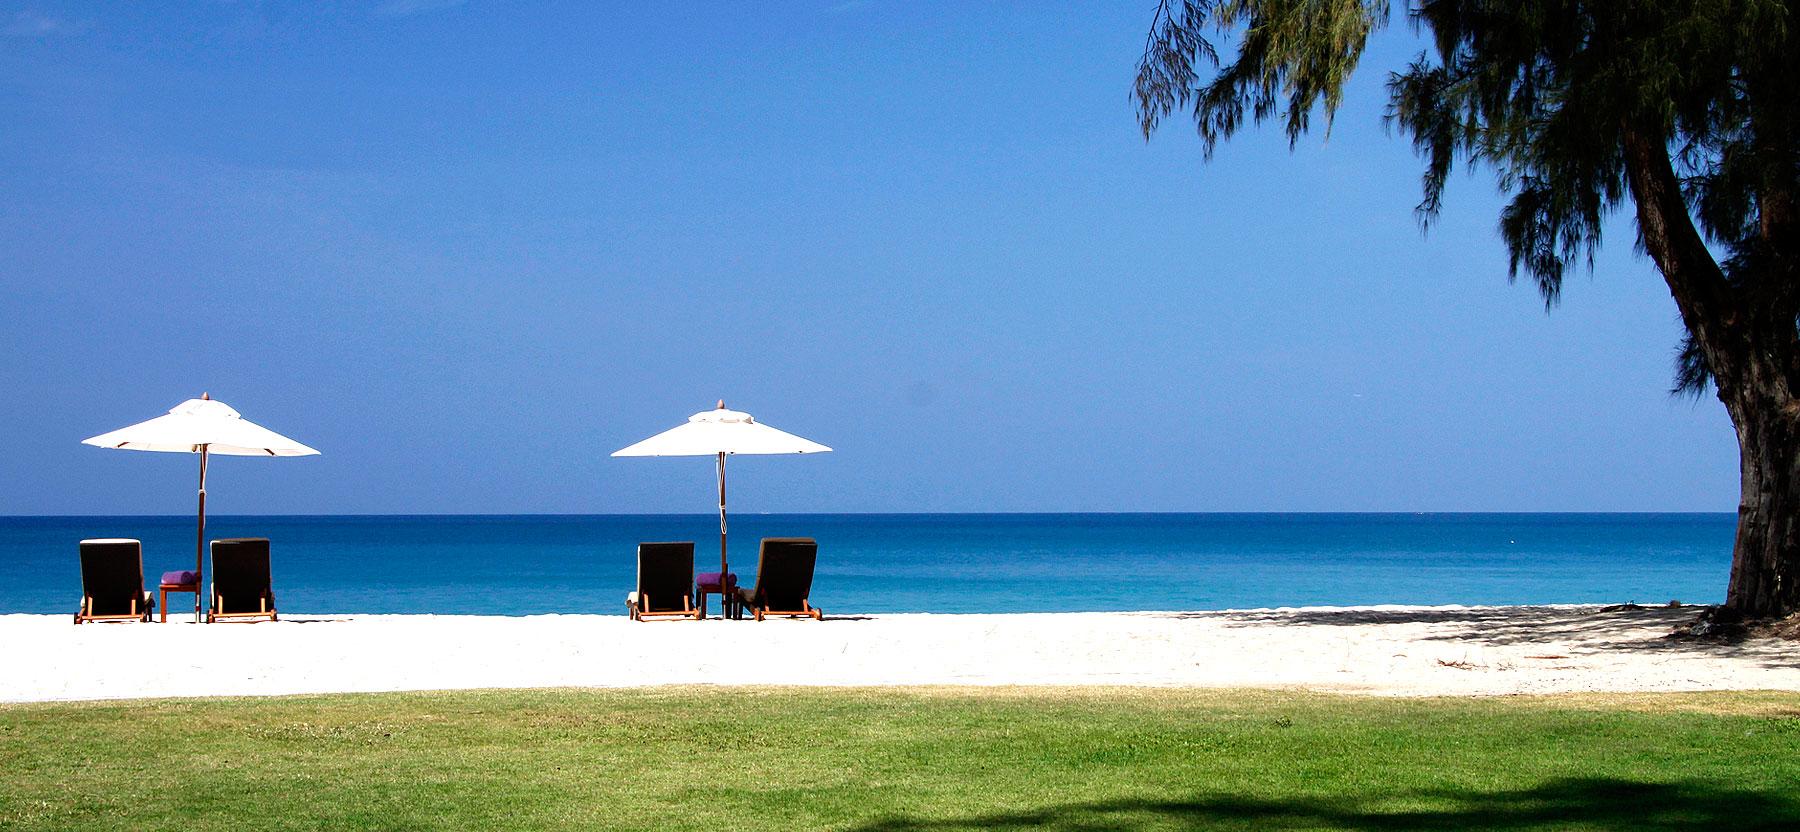 Phuket Luxury Villa The Pool Villas Dusit Thani Laguna Phuket